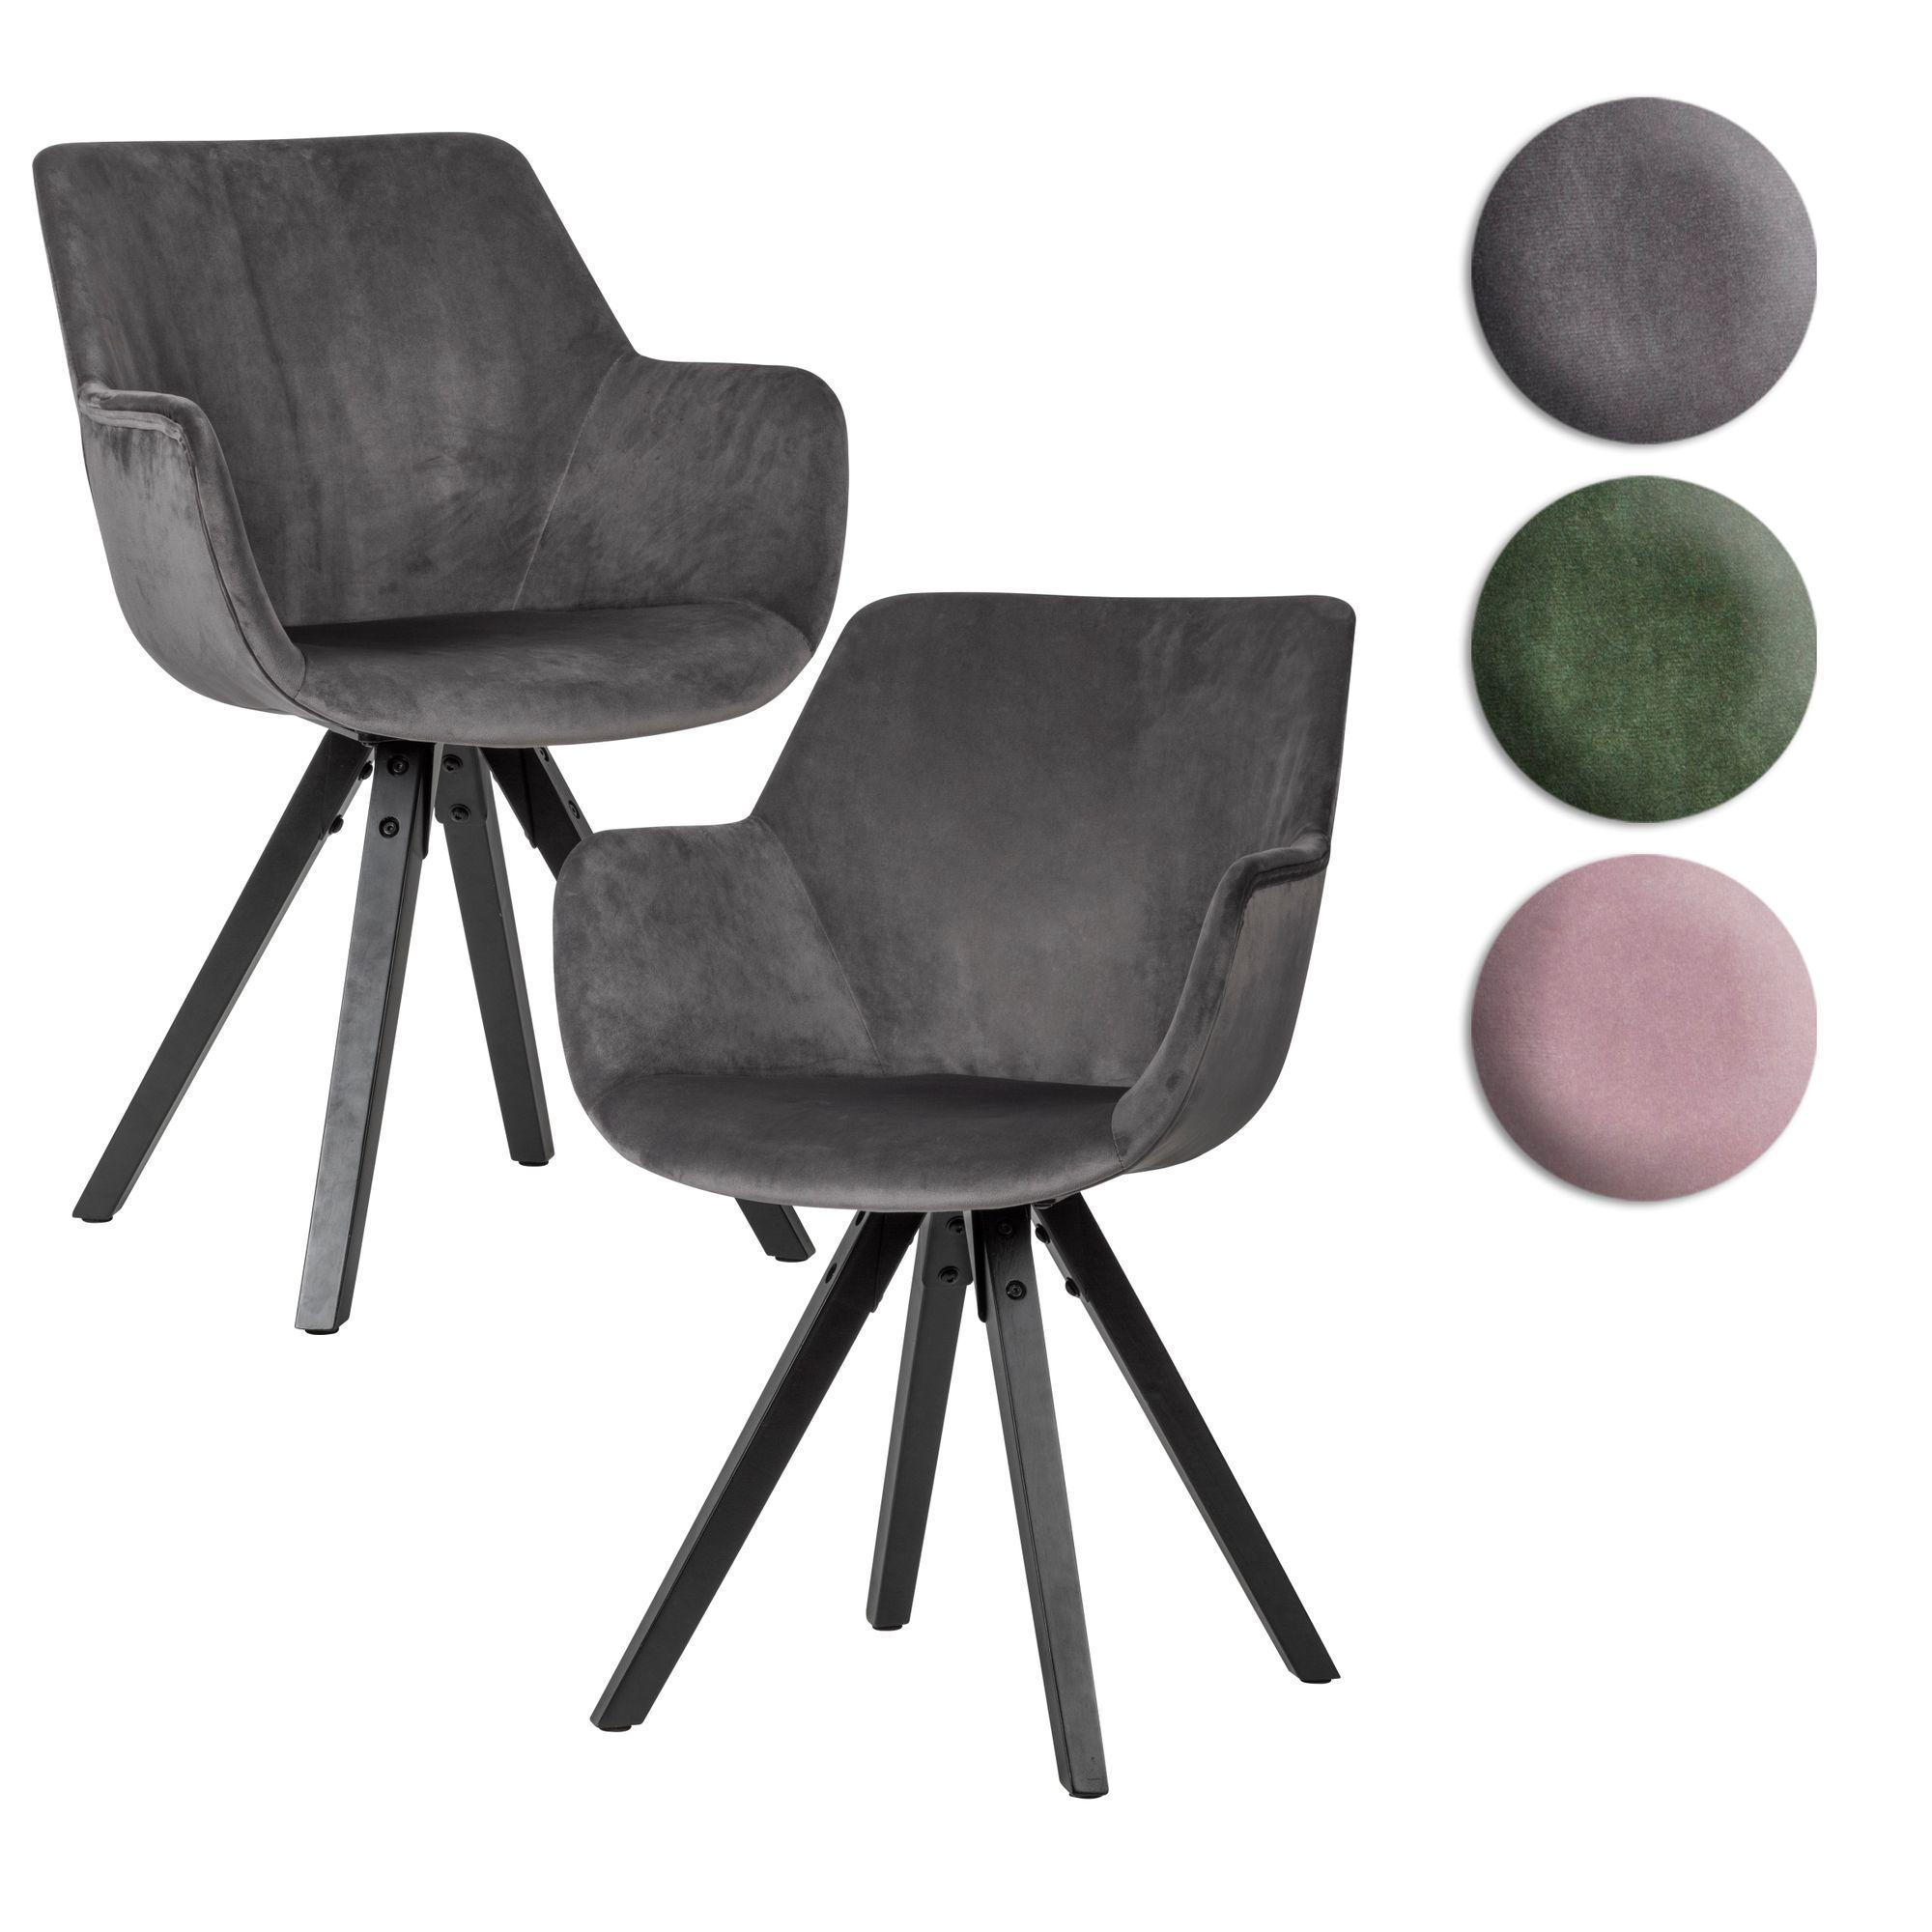 Stühle Schwarze Beine